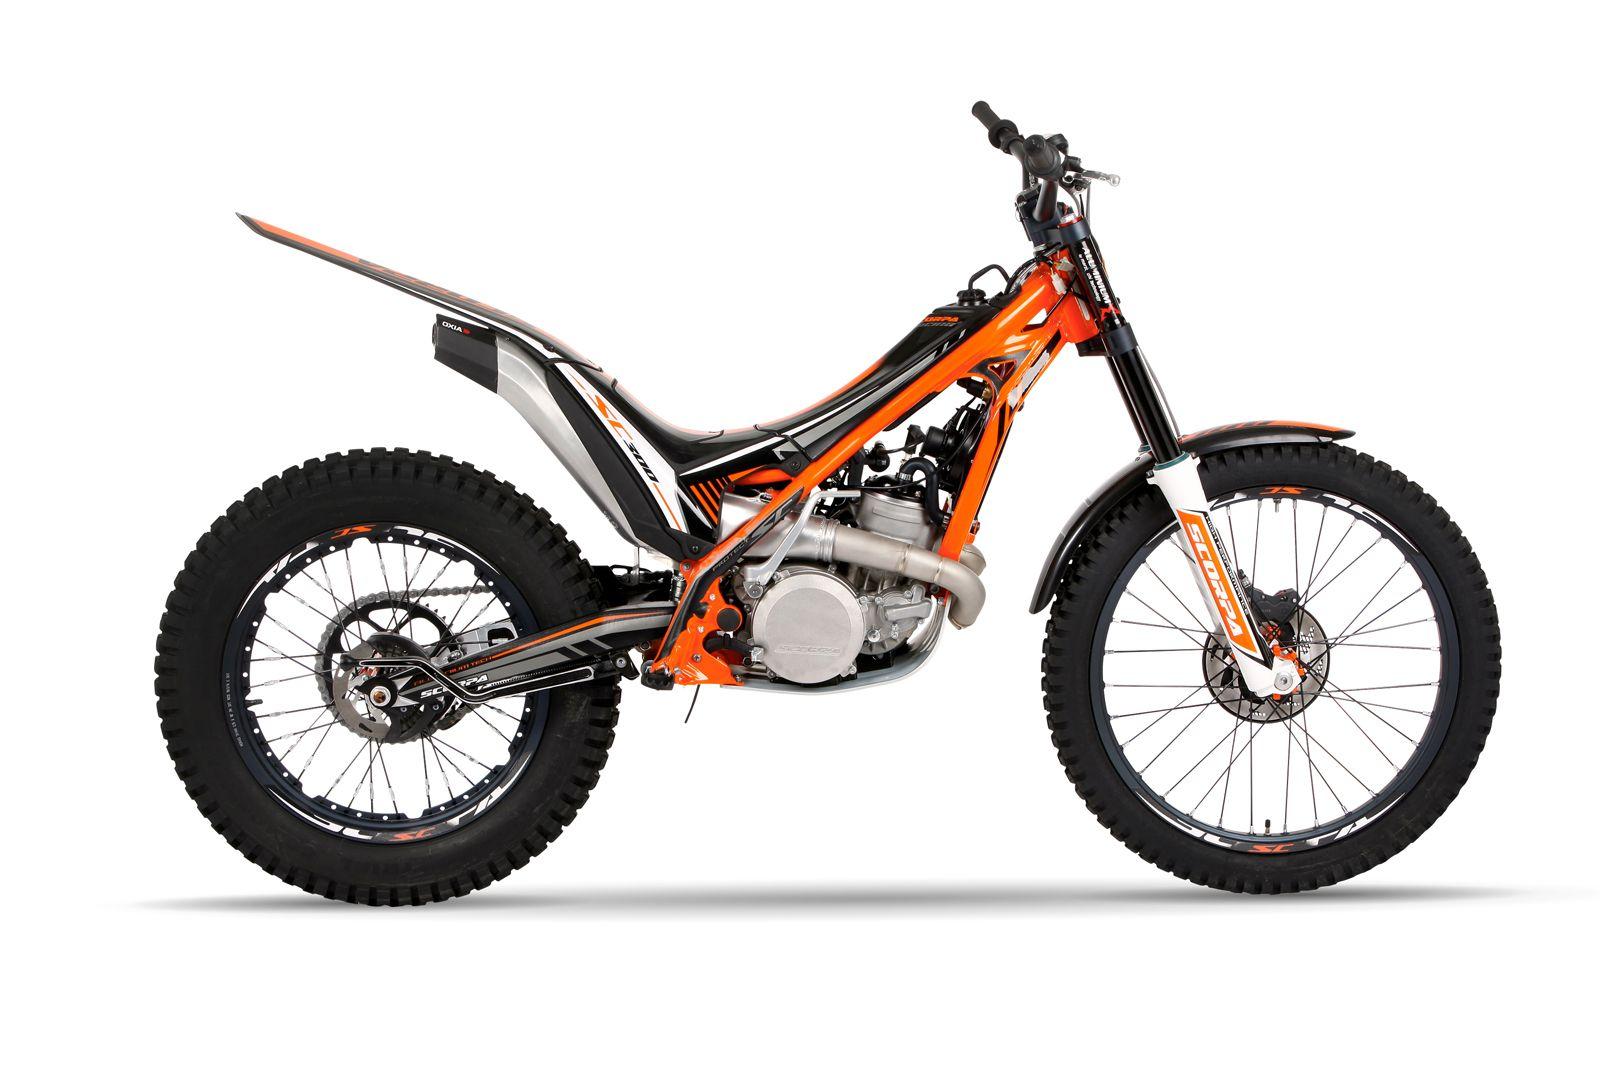 Scorpa 250 SC